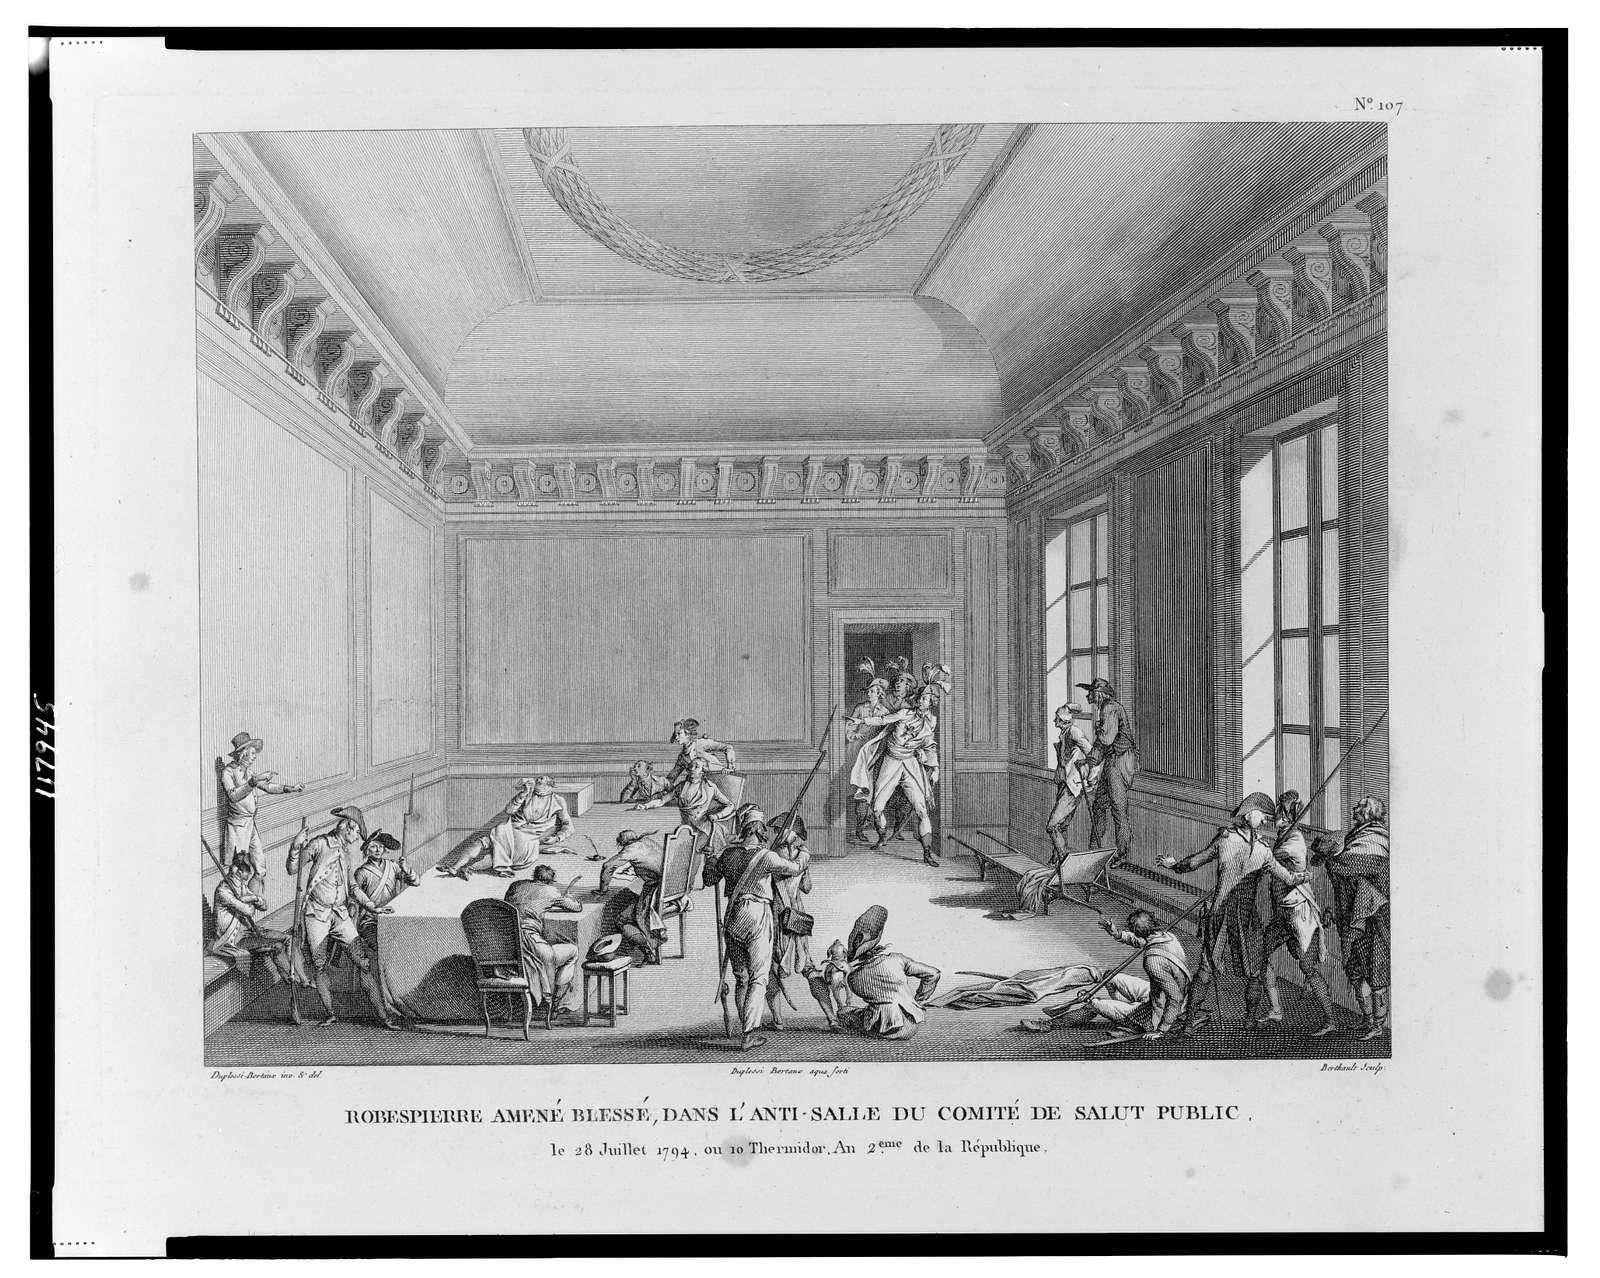 Robespierre amené blessé, dans l'anti-salle du comité de Salut public le 28 Juillet 1794 ... / Duplessi-Bertaux inv. & del. ; Duplessi Bertaux aqua forti ; Berthault sculp.